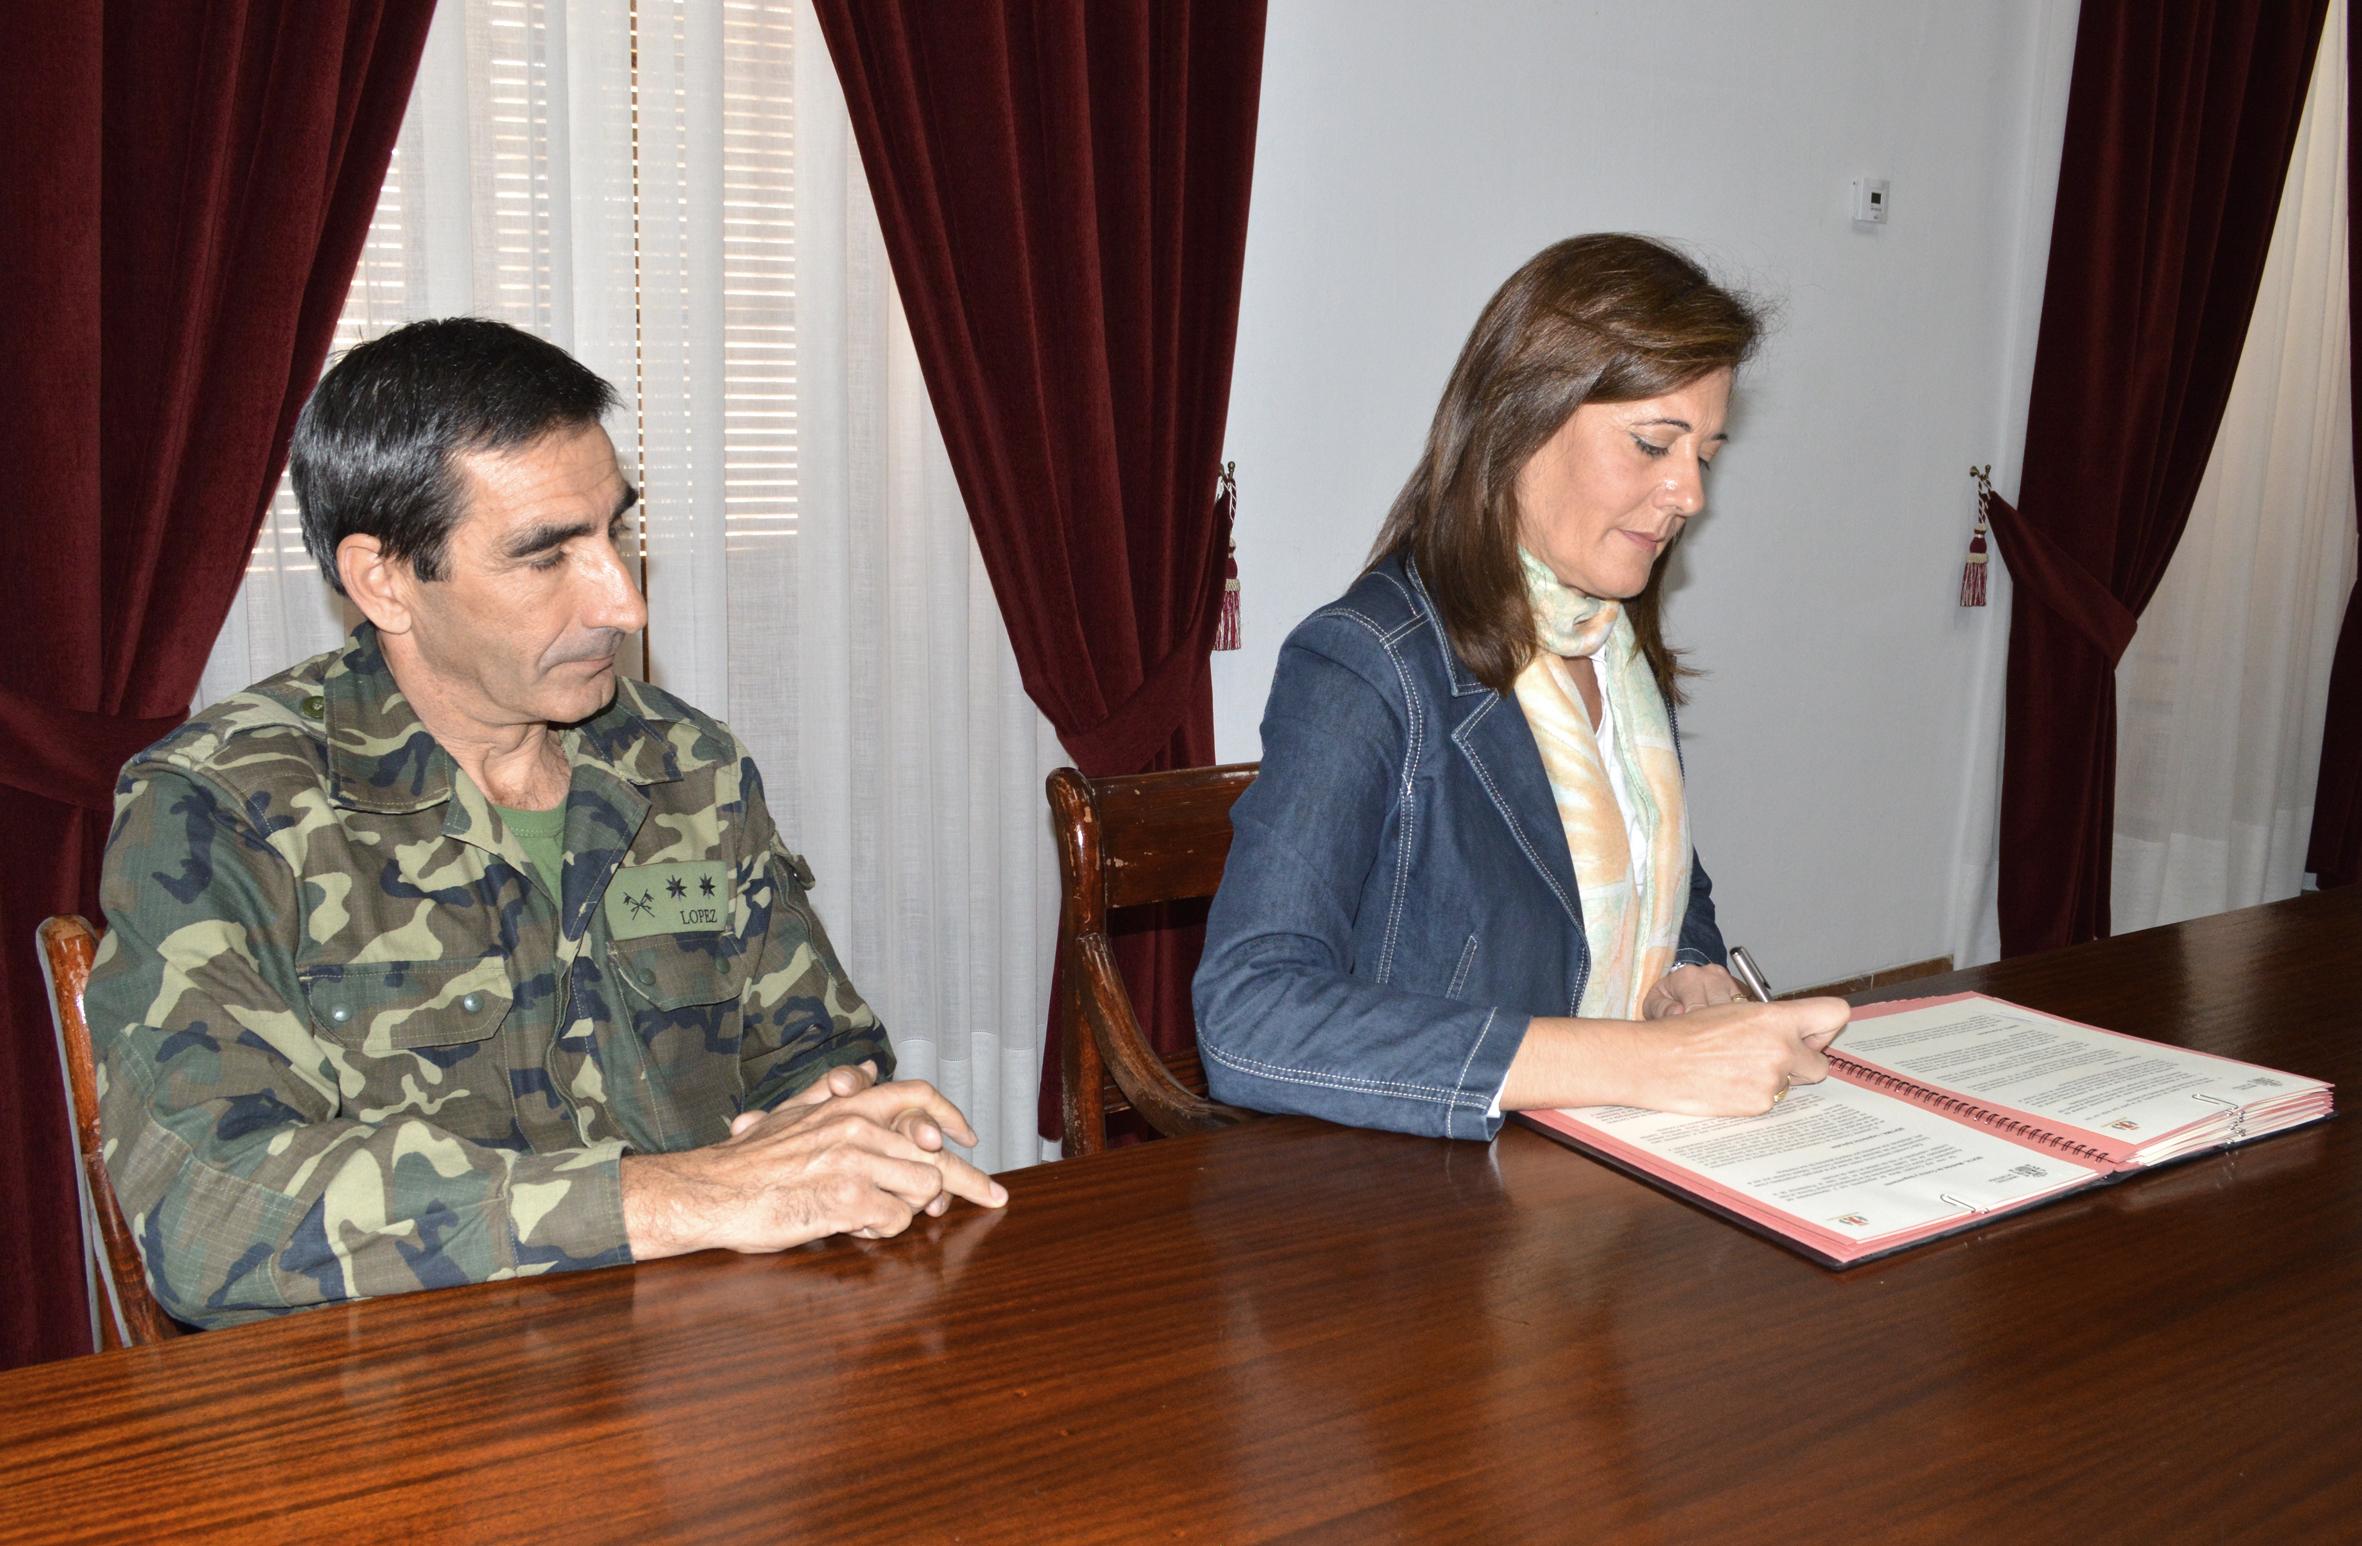 La alcaldesa de Osuna, Rosario Andújar, firmó ayer el convenio de cesión junto al teniente coronel Juan Manuel López.